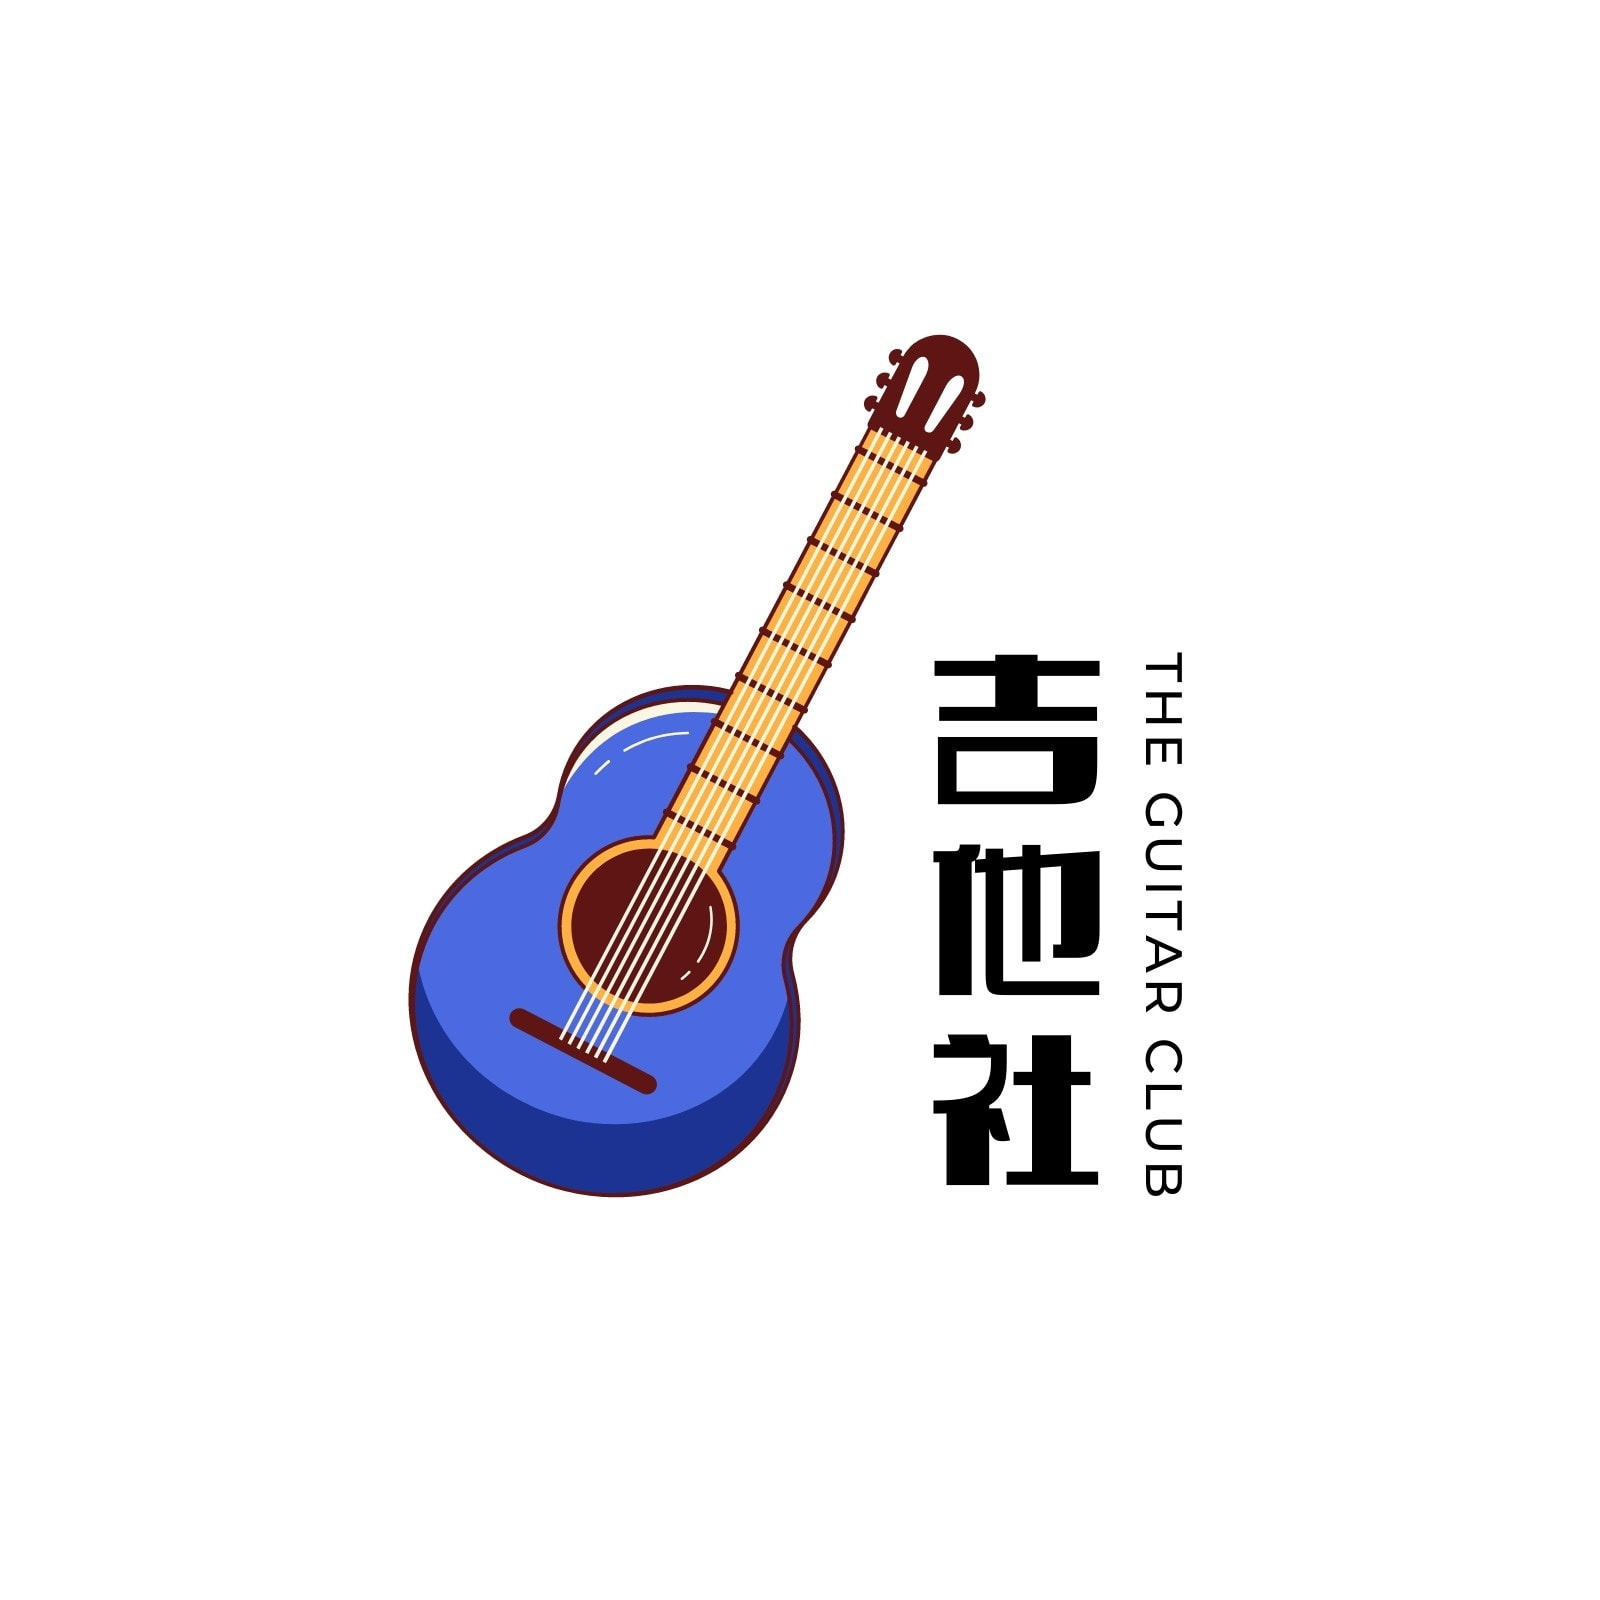 蓝橙色吉他插画社团音乐手绘校园宣传中文logo